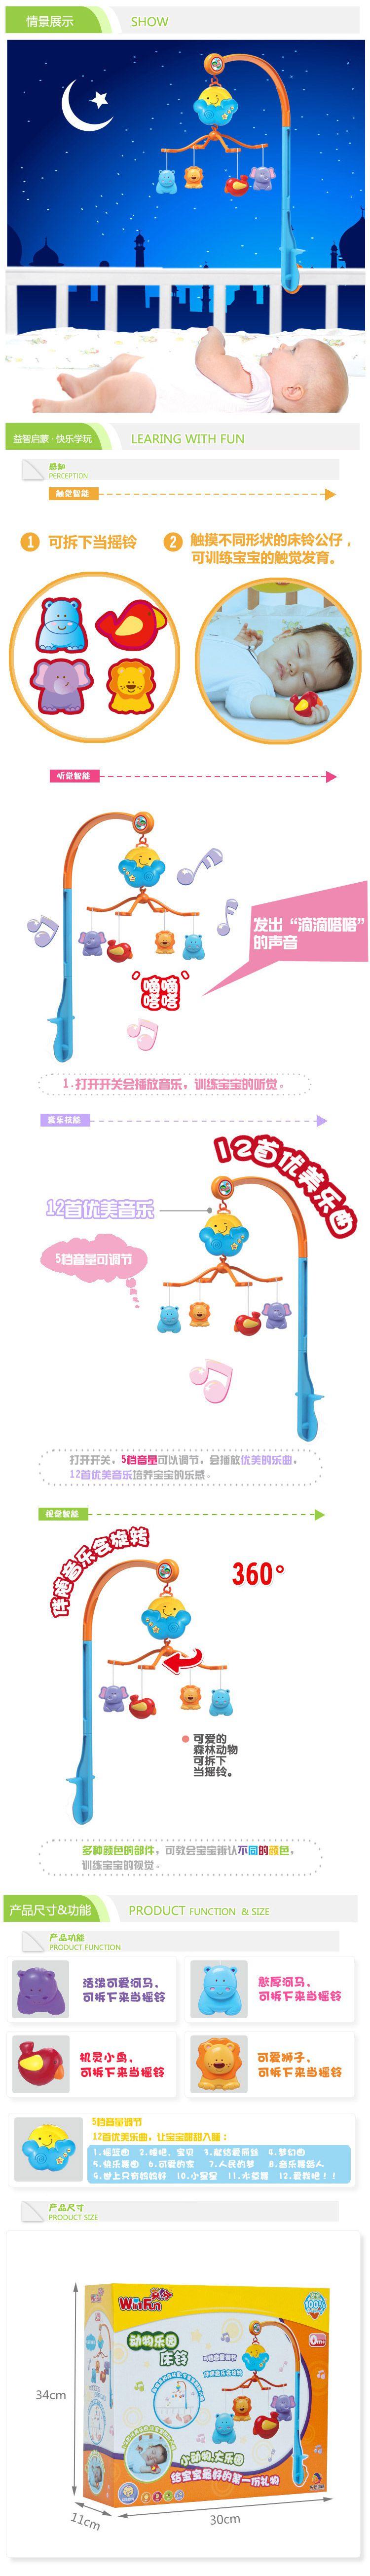 迪士尼&英纷益智玩具专场香港英纷动物乐园床铃yf688